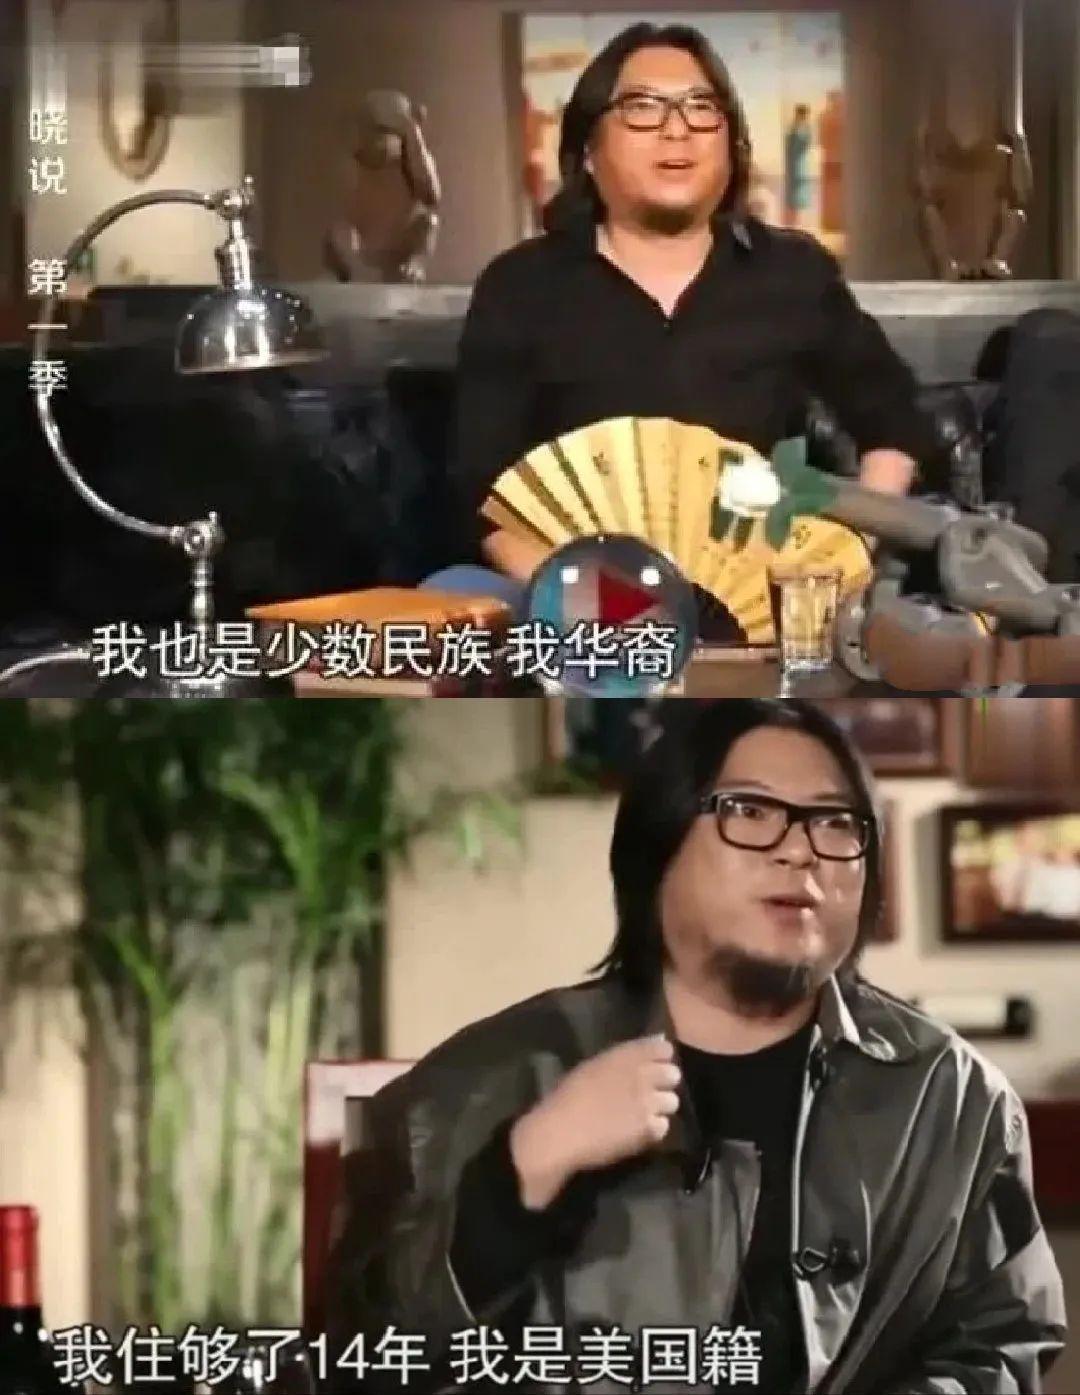 官网点名高晓松:为日本军国主义招魂,影响极其恶劣